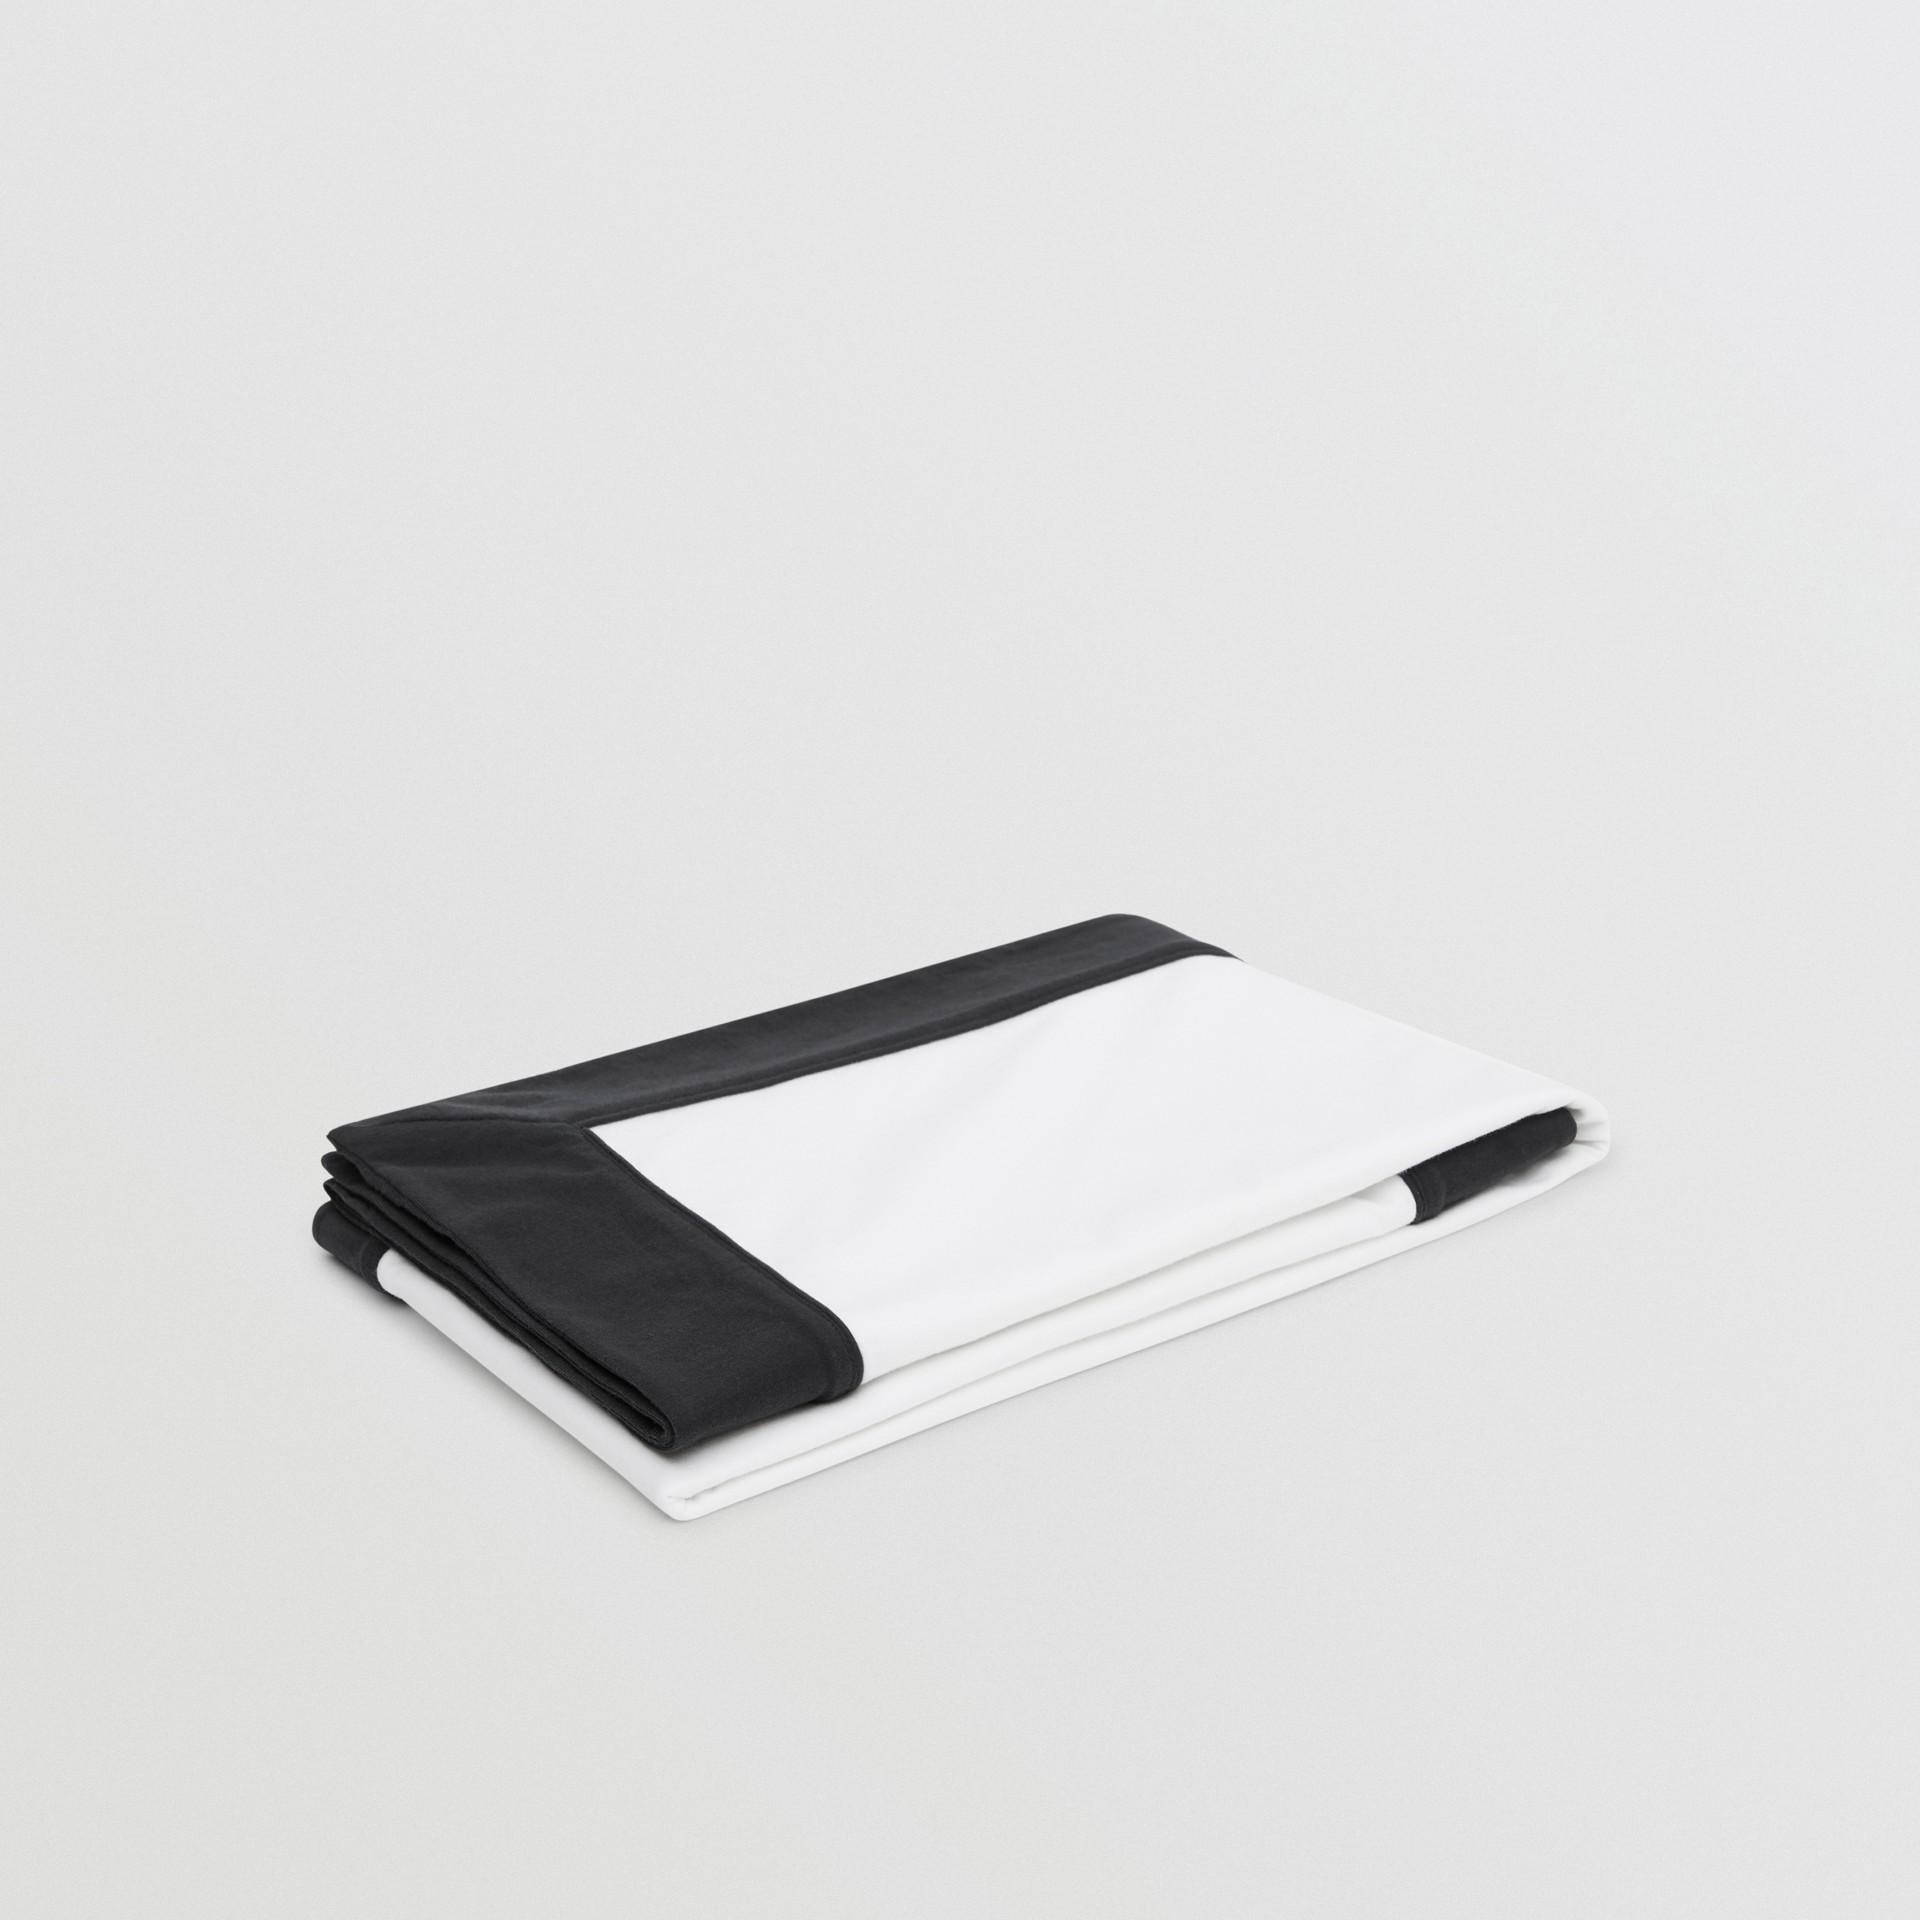 ロゴプリント オーガニックコットン ベイビーブランケット (ホワイト) - チルドレンズ | バーバリー - ギャラリーイメージ 2